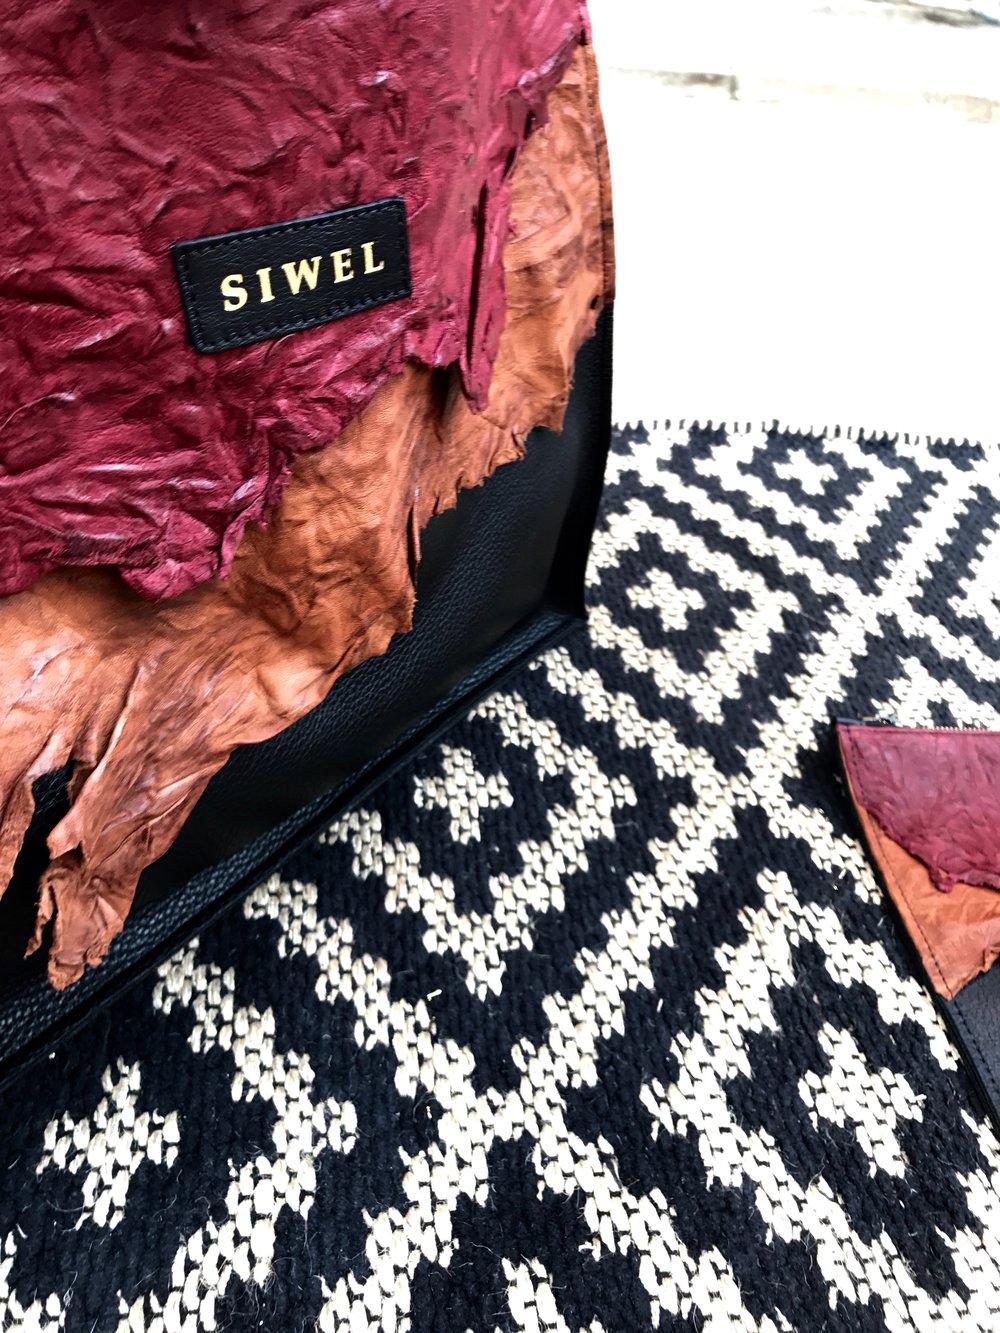 8 SIWEL Lola Tote_Lookbook.jpeg